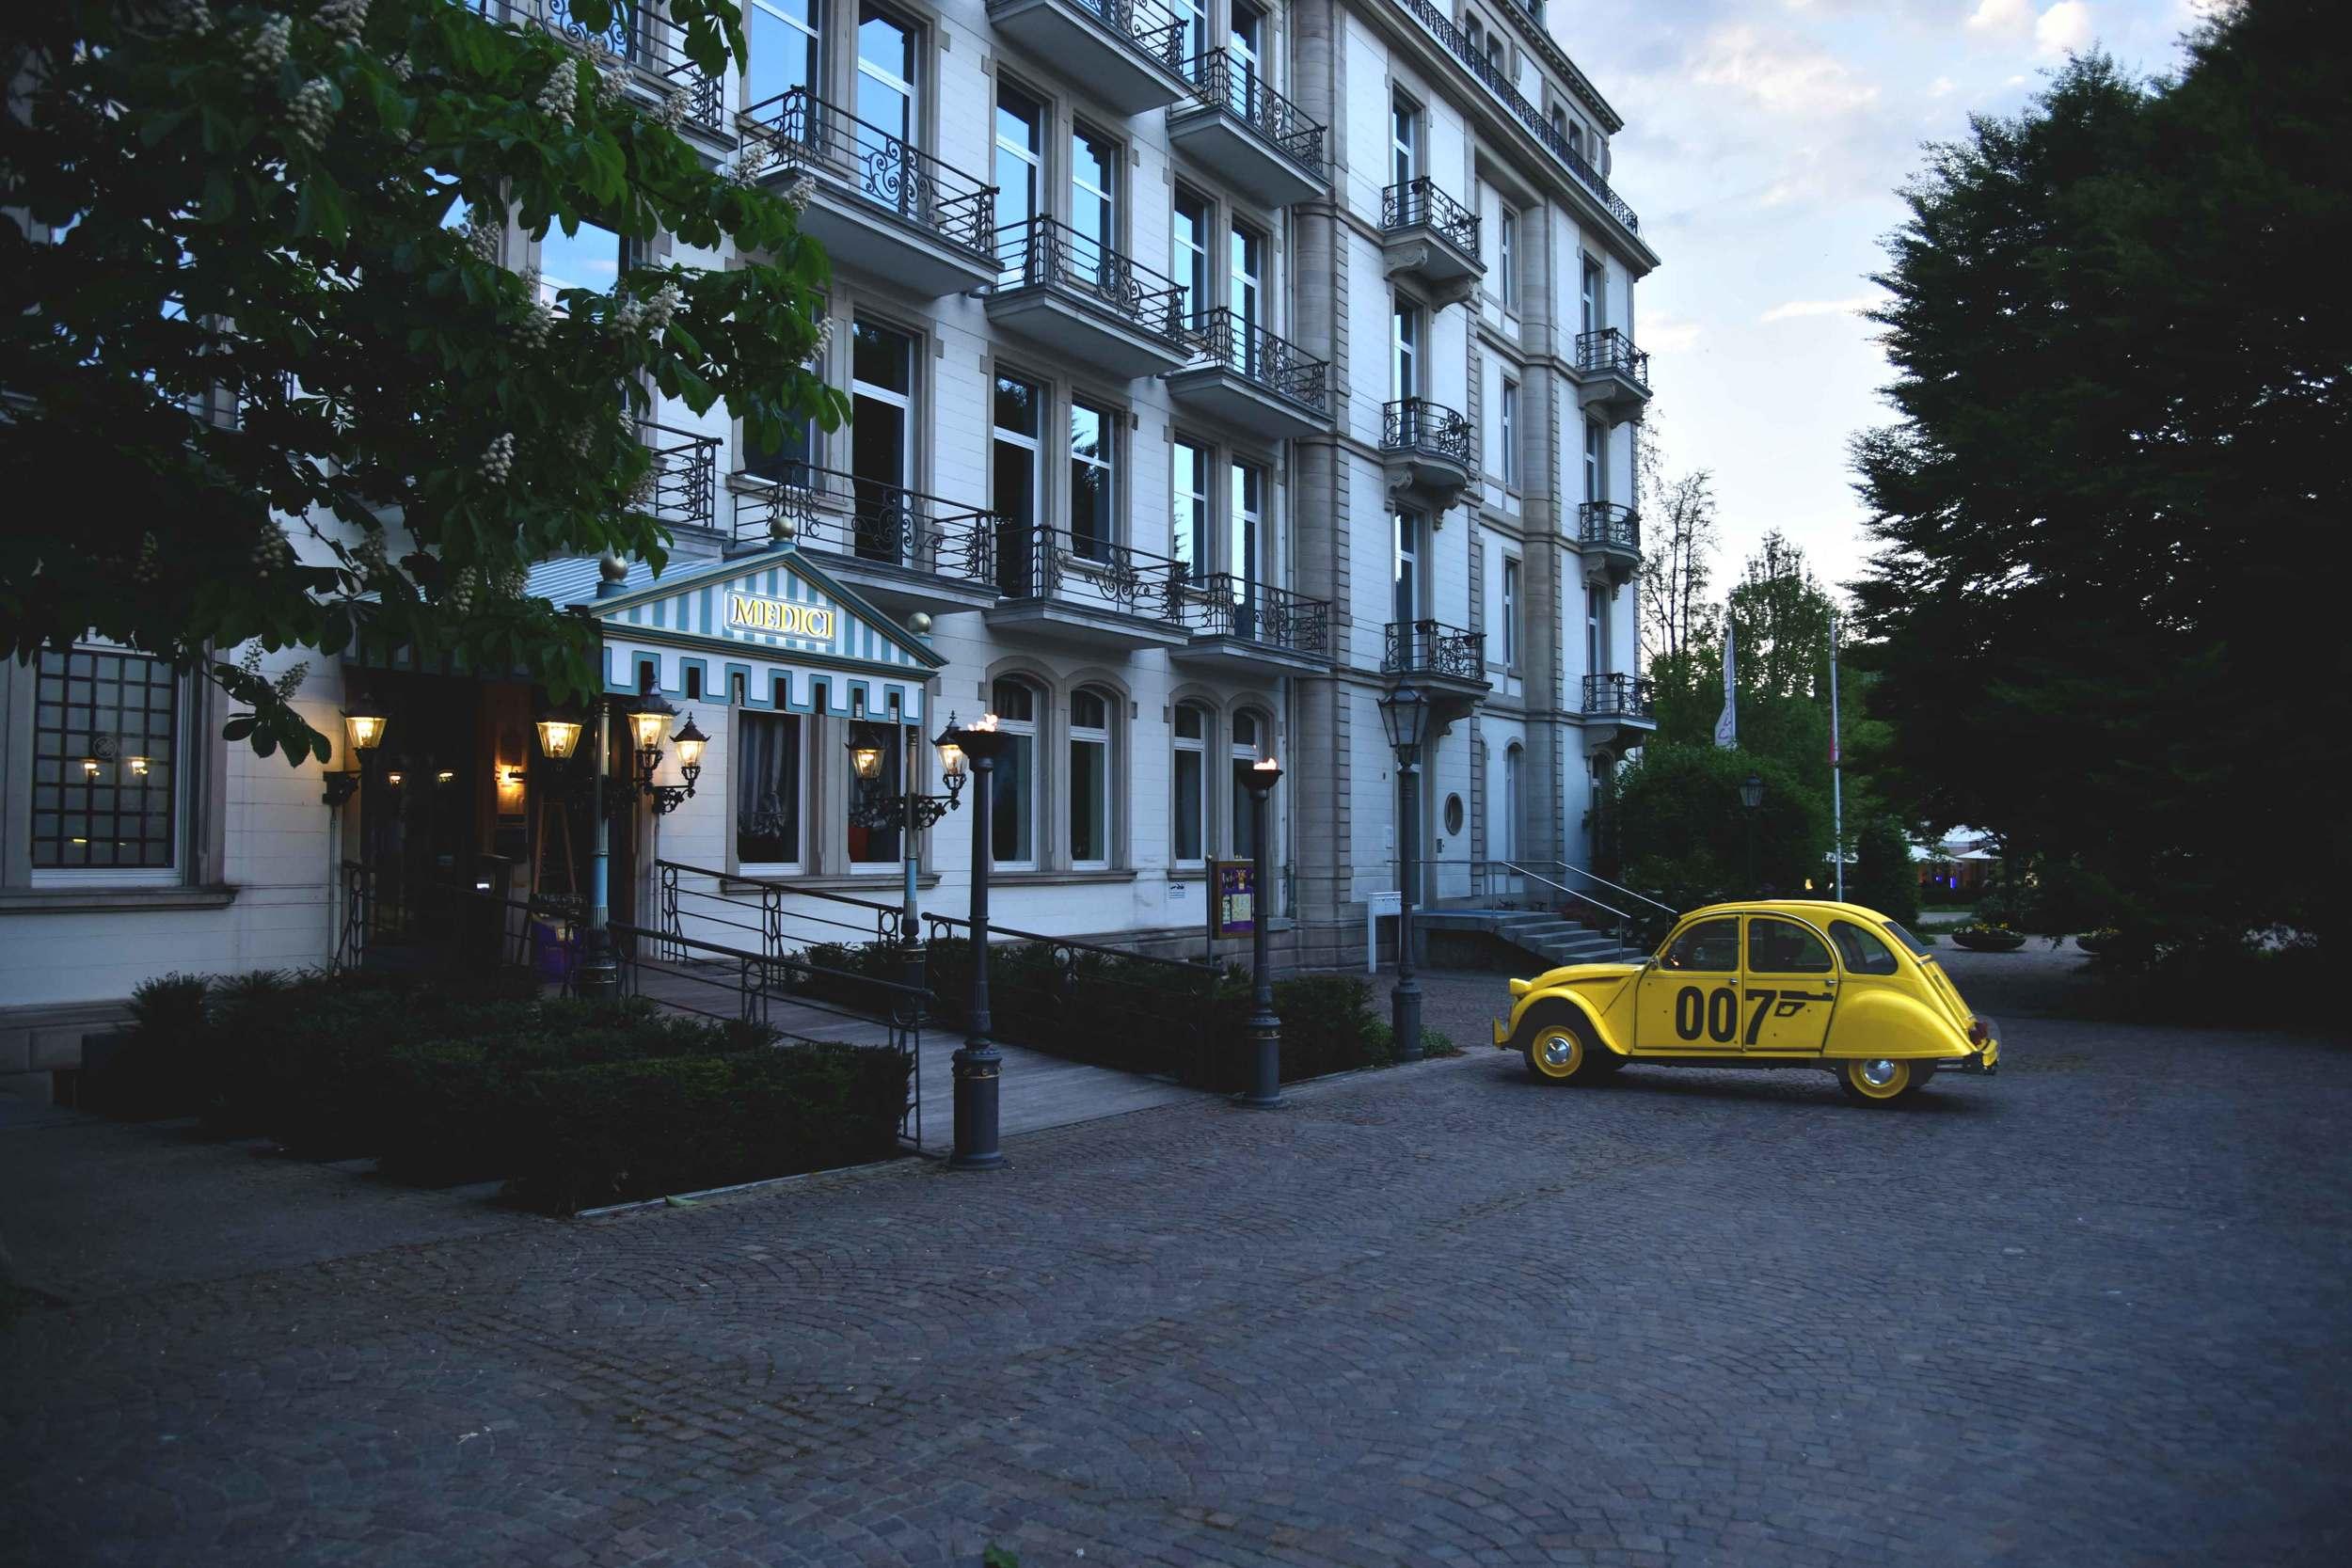 Medici restaurant and lounge bar, Lichtentaler Allee, Baden Baden, Germany. Image©sourcingstyle.com